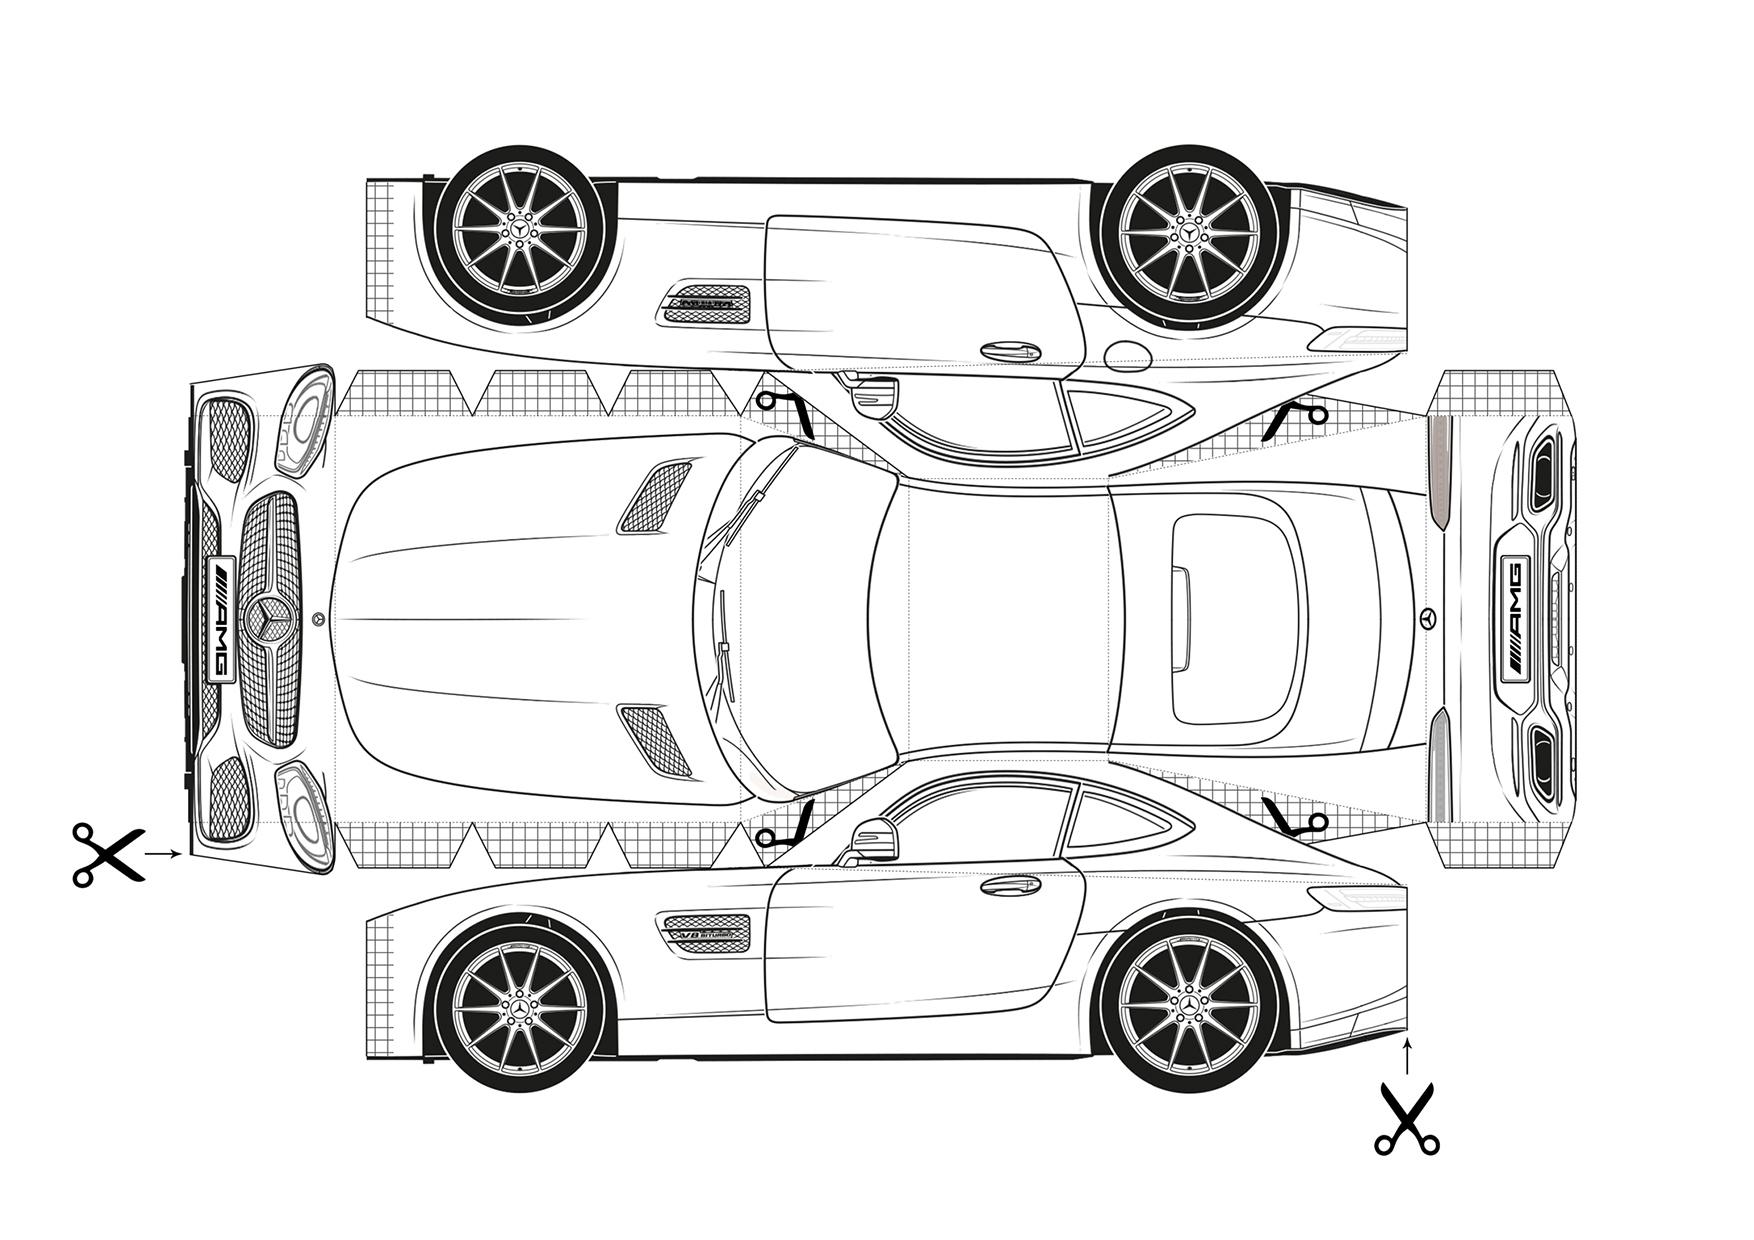 Dessins Automobiles À Imprimer : Faites Le Plein De Modèles encequiconcerne Dessin A Imprimer Gratuit Cars